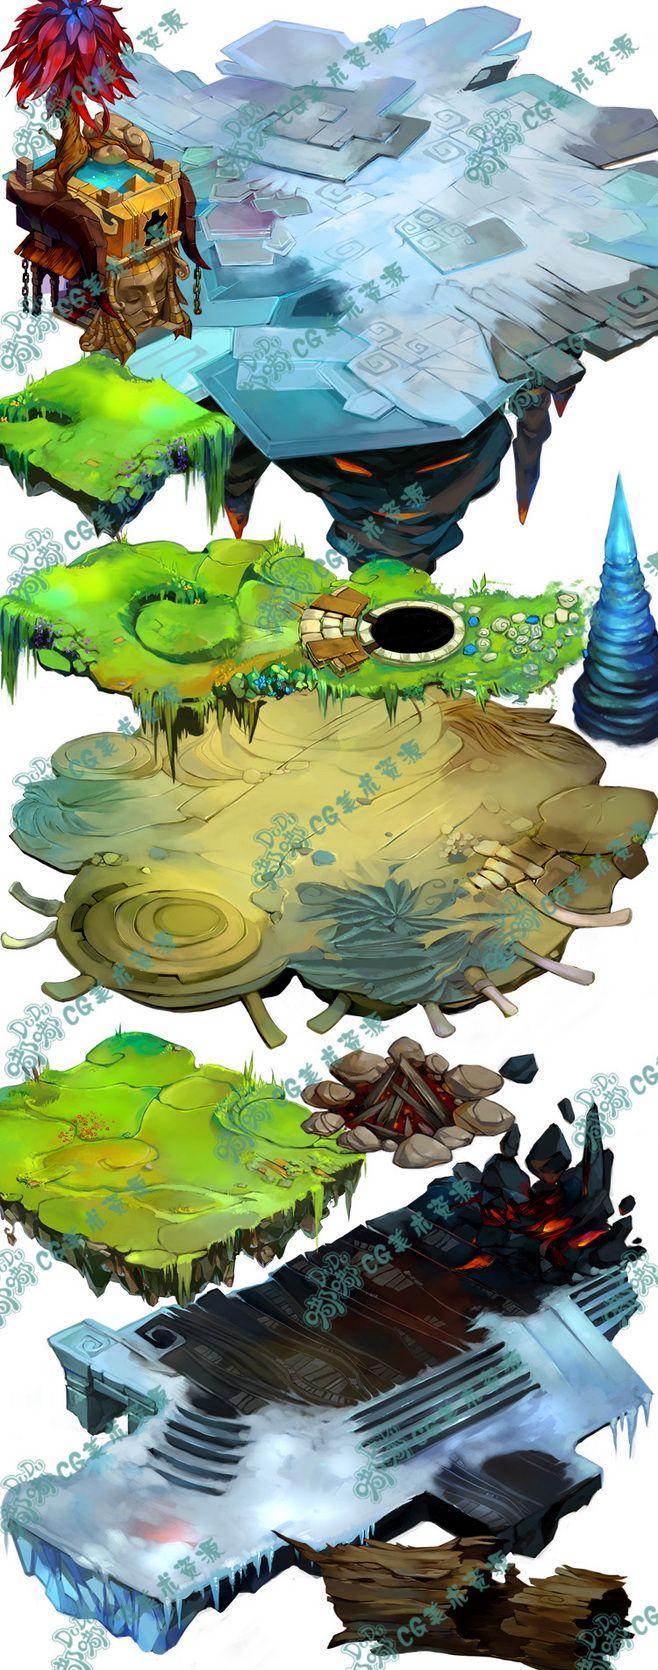 382 游戏美术资源 Q版可爱风格UI ...@good~猫宁采集到游戏原画Q版写实角色横版地图日韩中国风(217图)_花瓣游戏